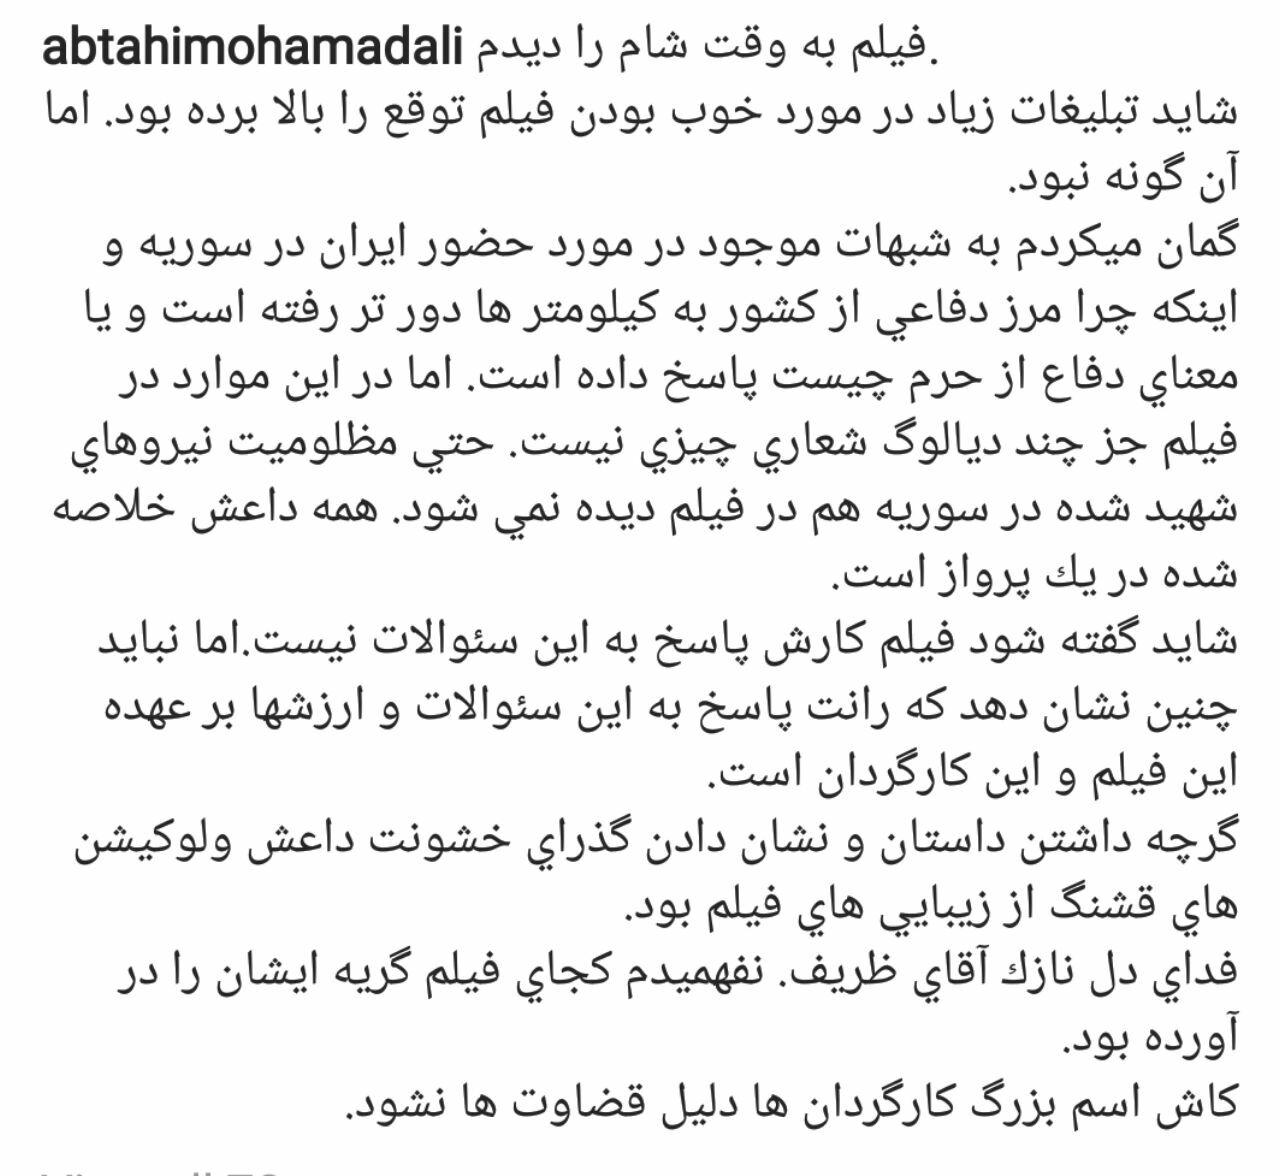 نظر محمدعلی ابطحی بعد از تماشای